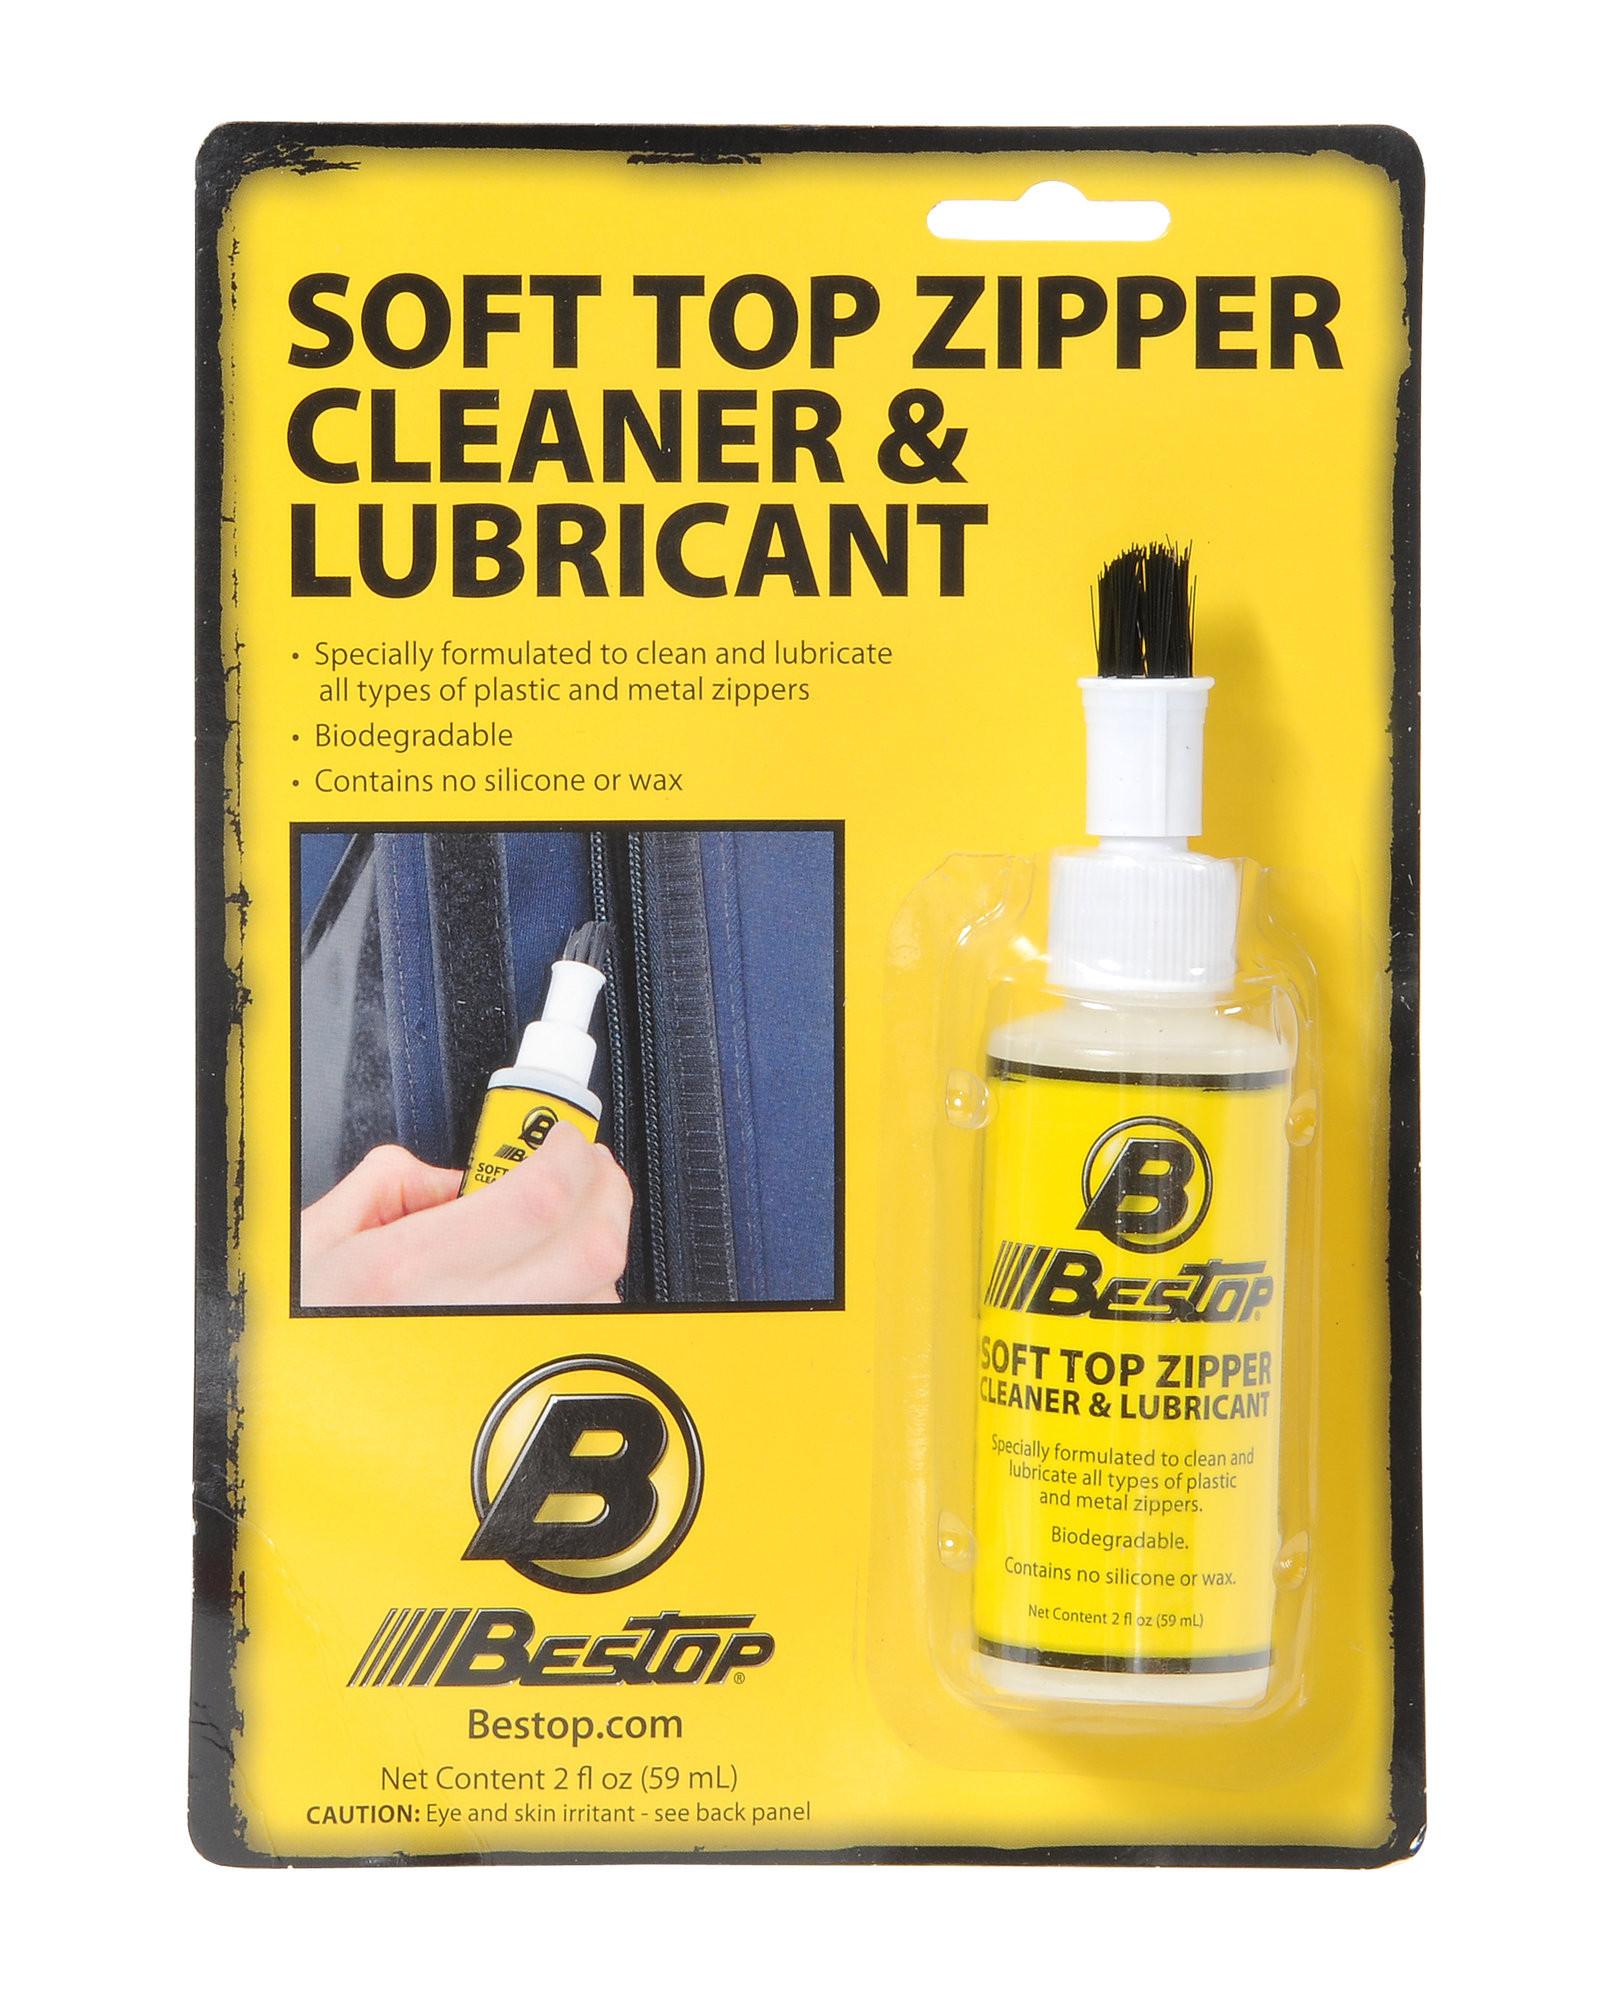 BESTOP Soft Top Zipper Cleaner & Lubricant 11206-00